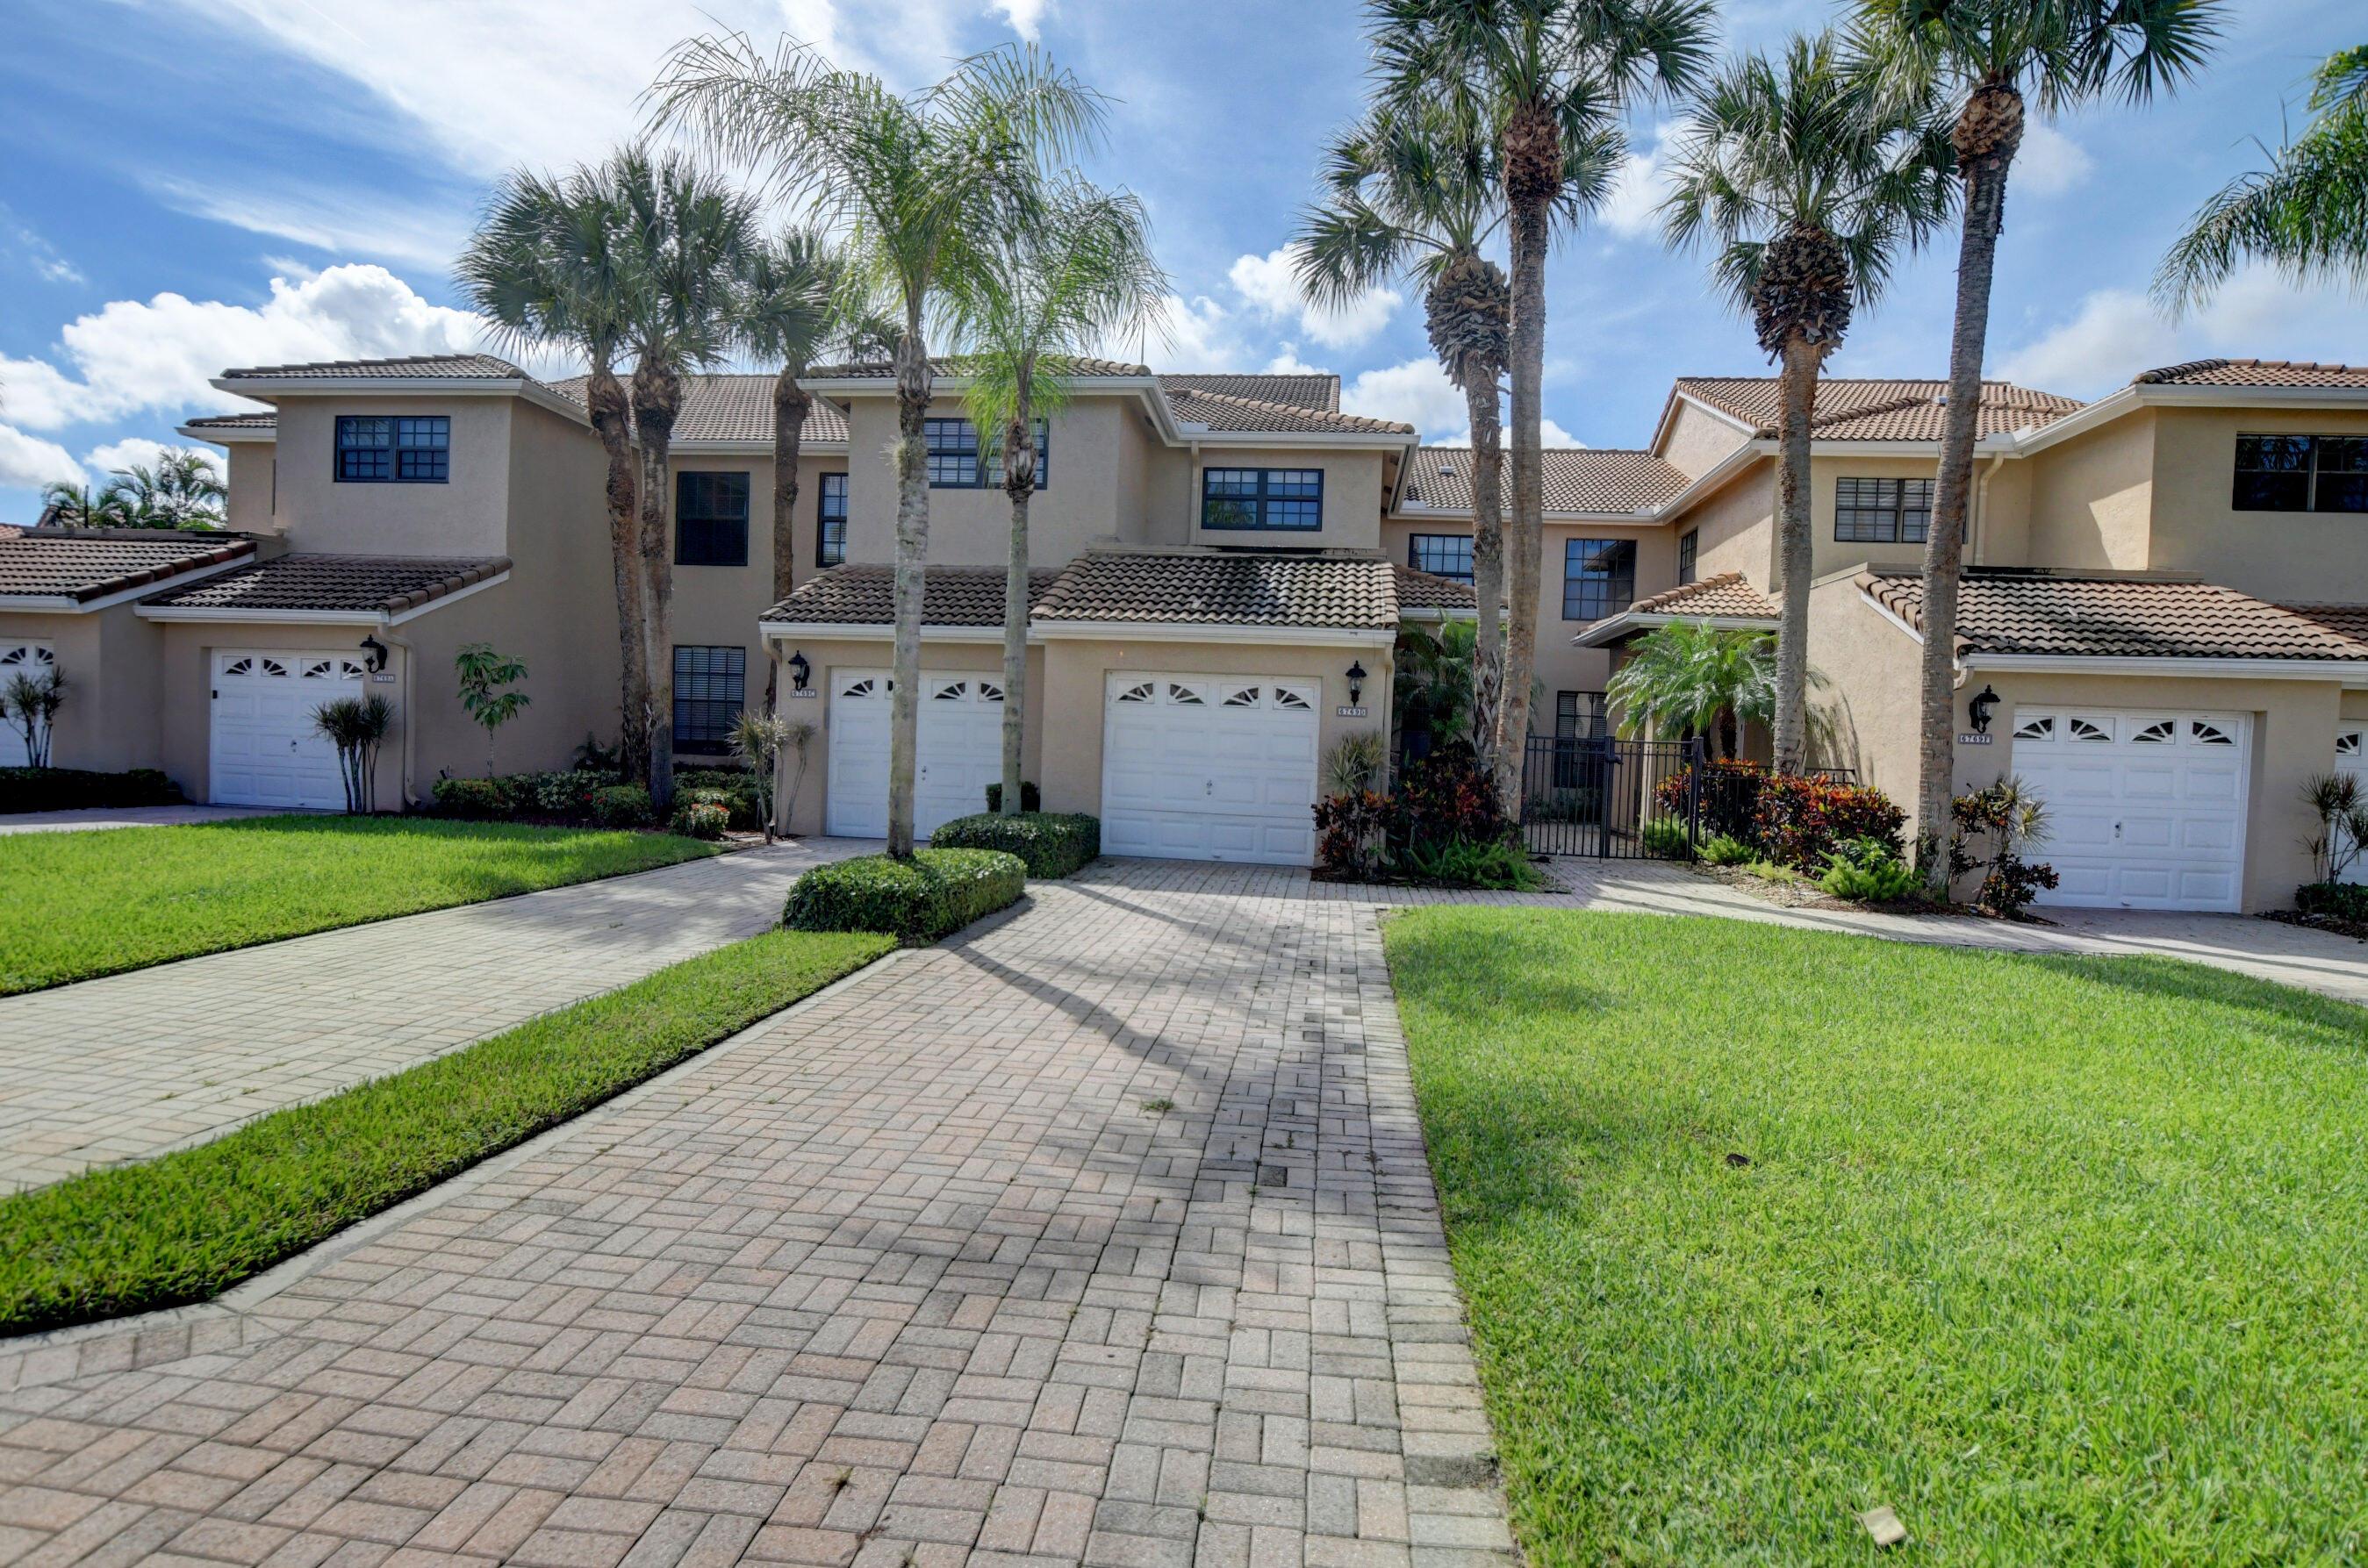 6769  Montego Bay Boulevard C For Sale 10748129, FL